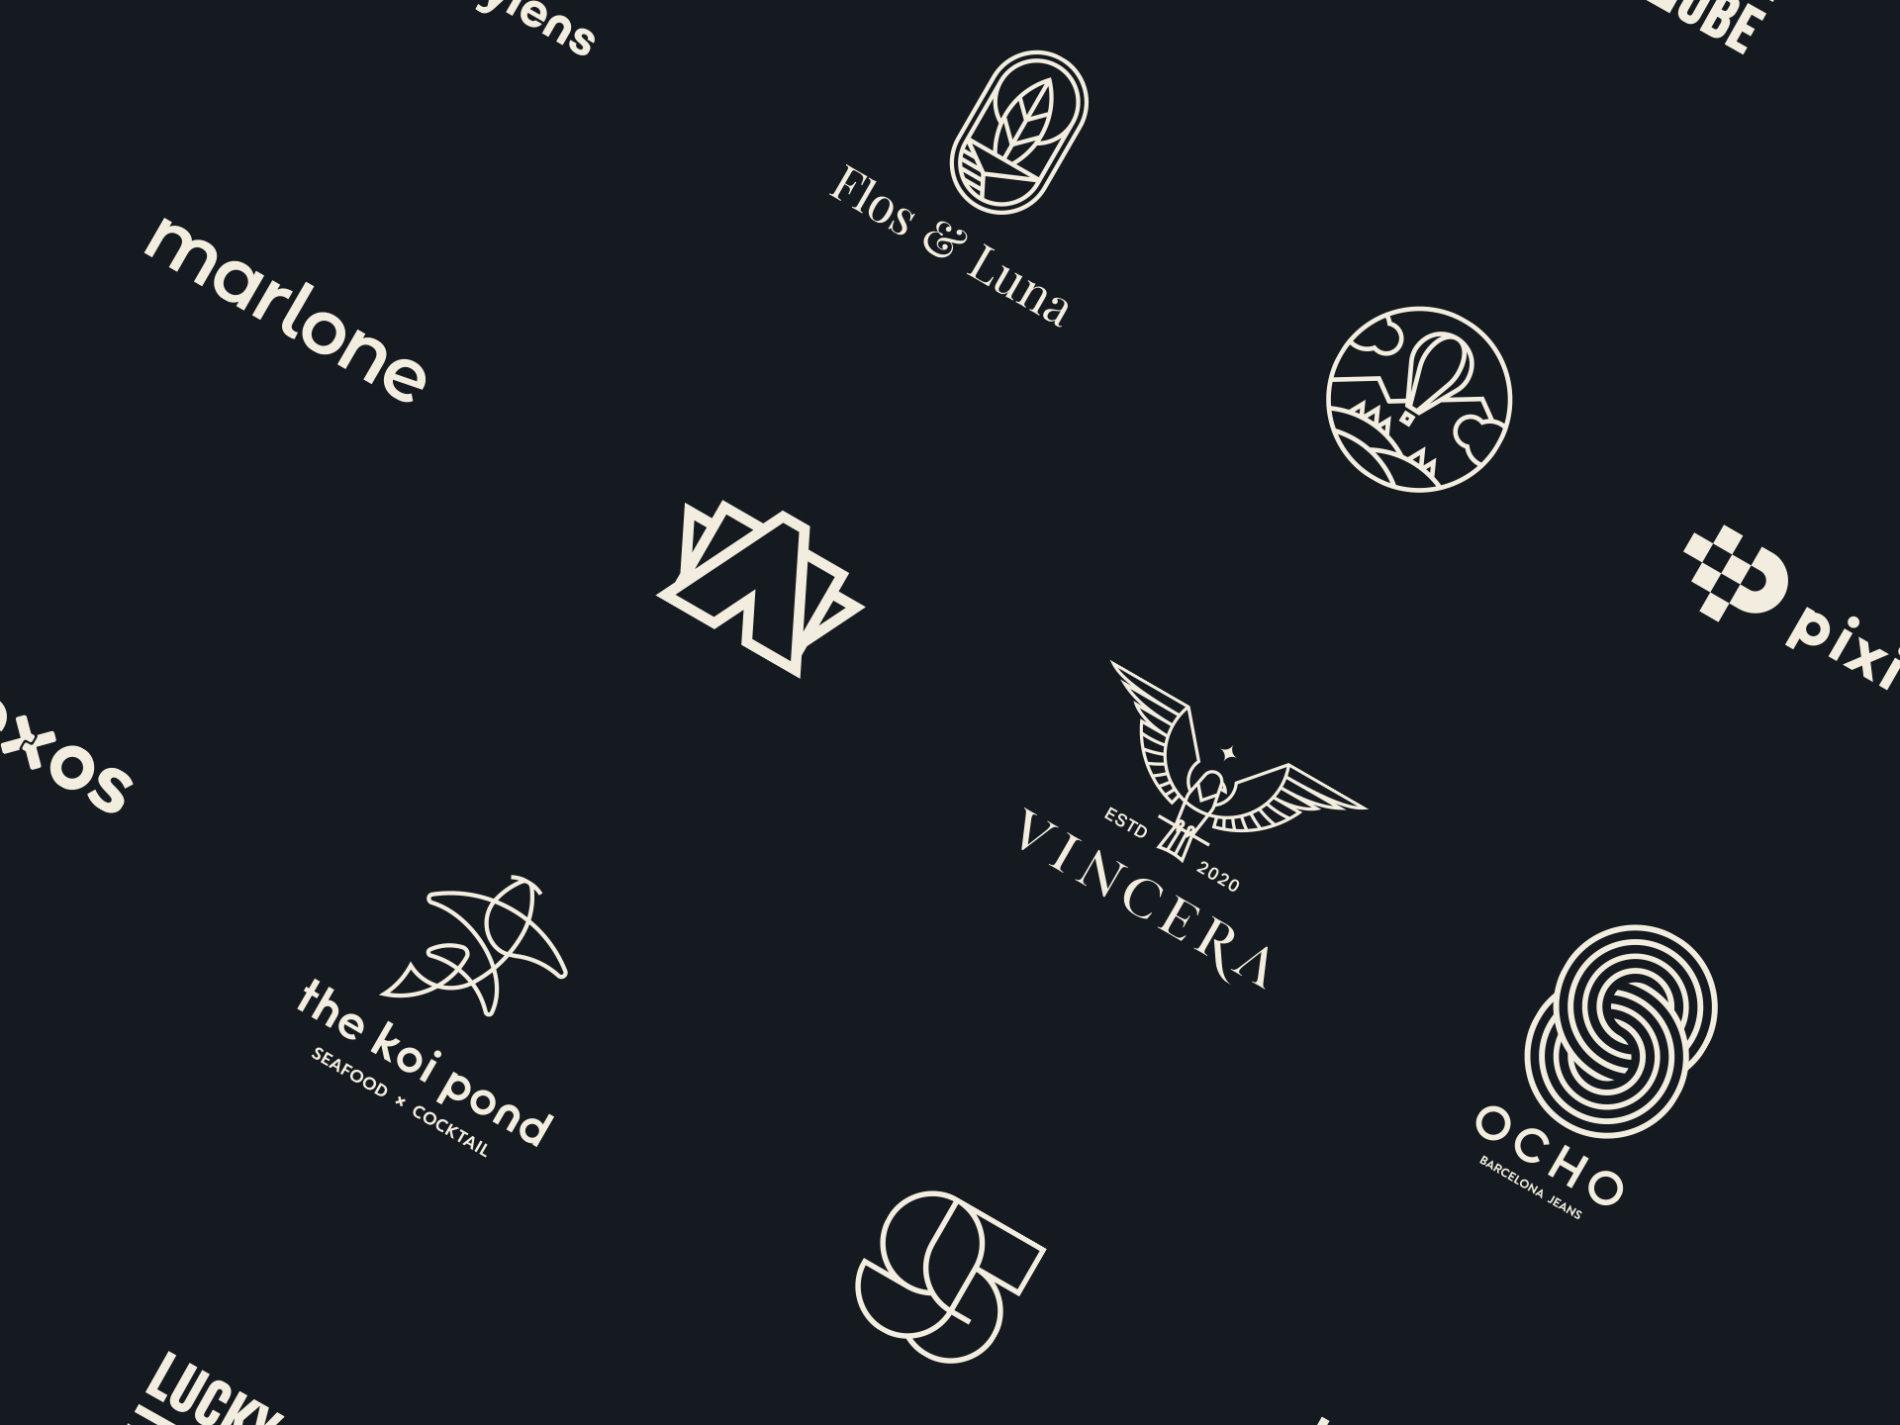 Logothèque 2020